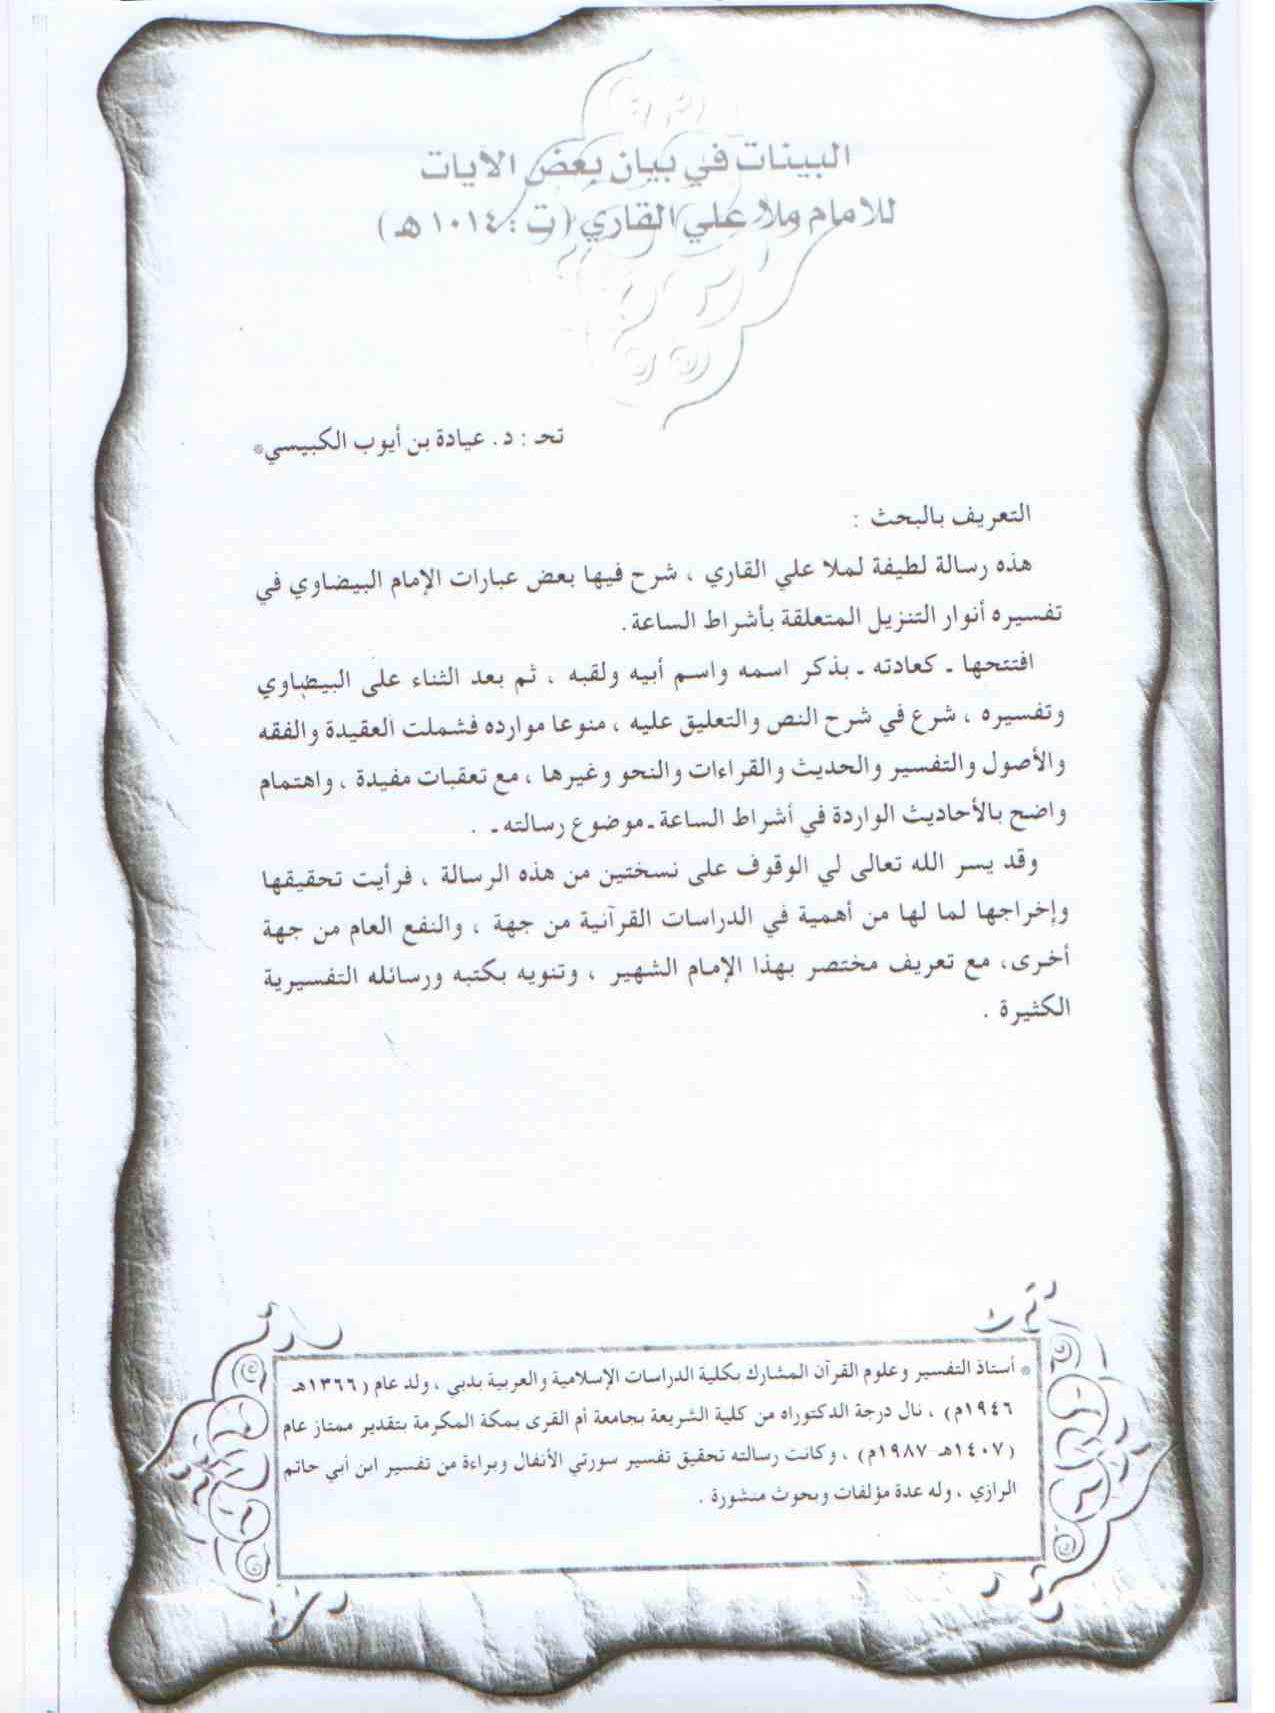 تحميل كتاب البينات في بيان بعض الآيات لـِ: الإمام نور الدين أبو الحسن علي بن سلطان محمد، الملا الهروي القاري (ت 1014)